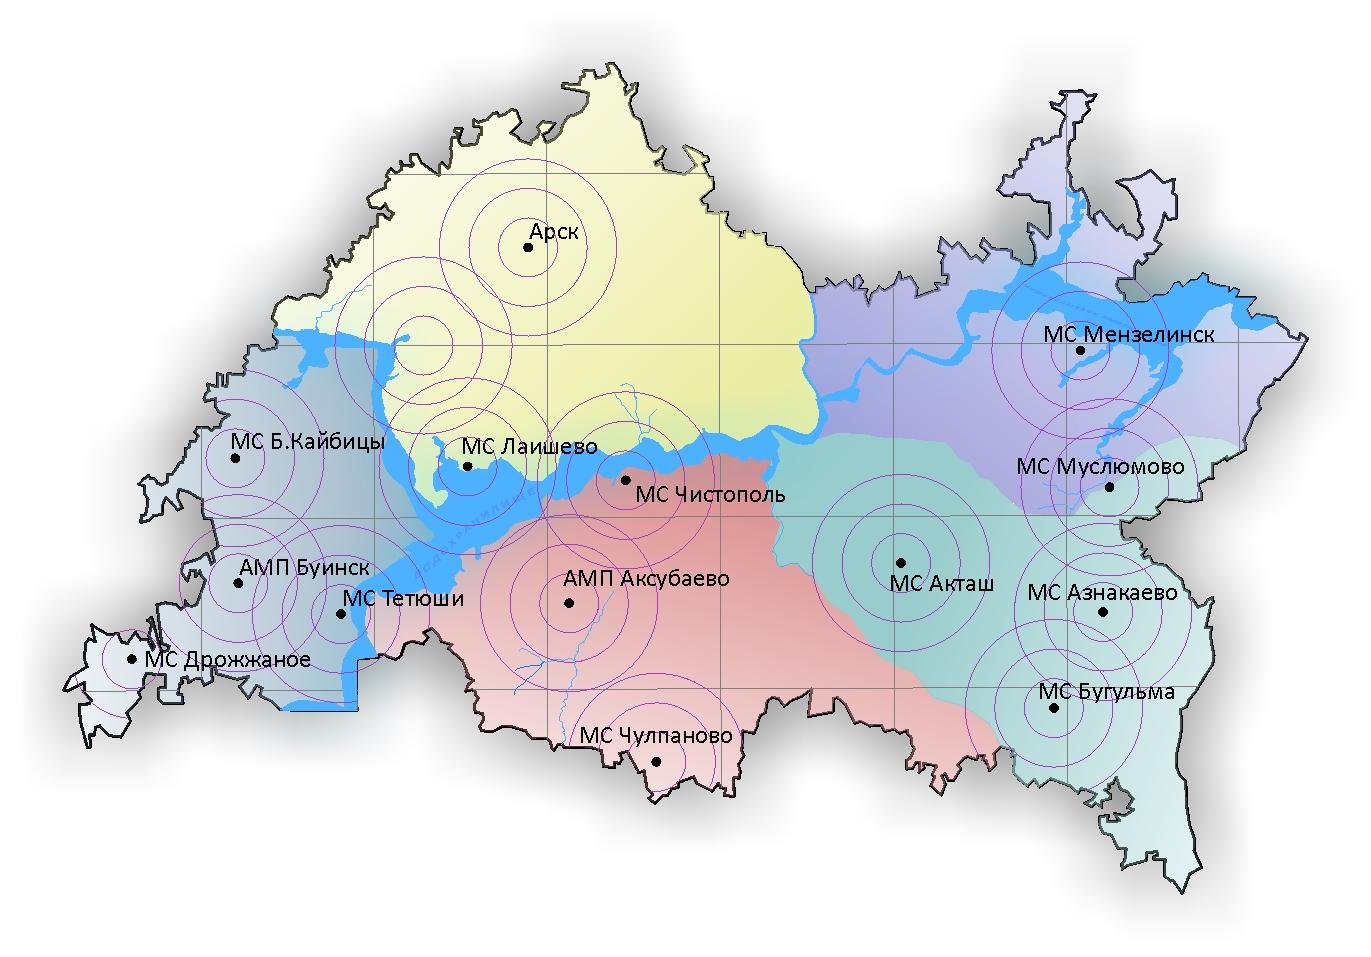 Погода на сегодня межевая днепропетровской обл